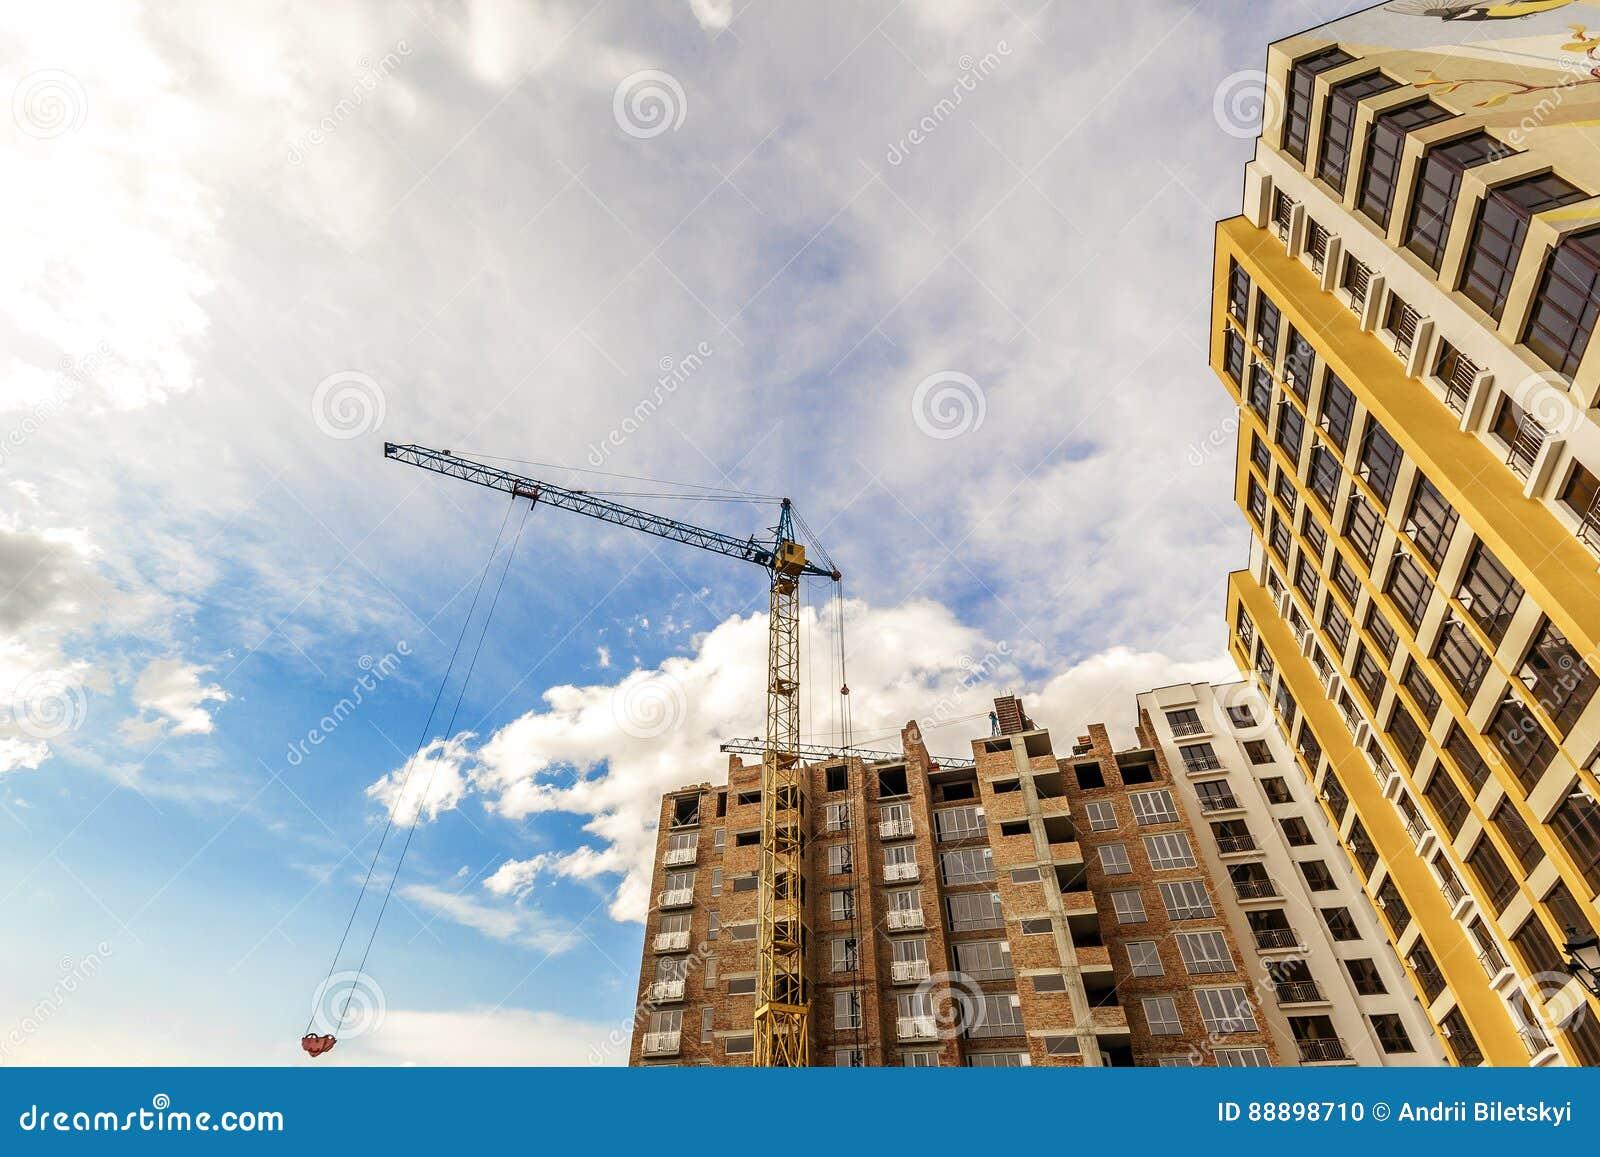 起重机和高层建筑物建设中反对蓝天